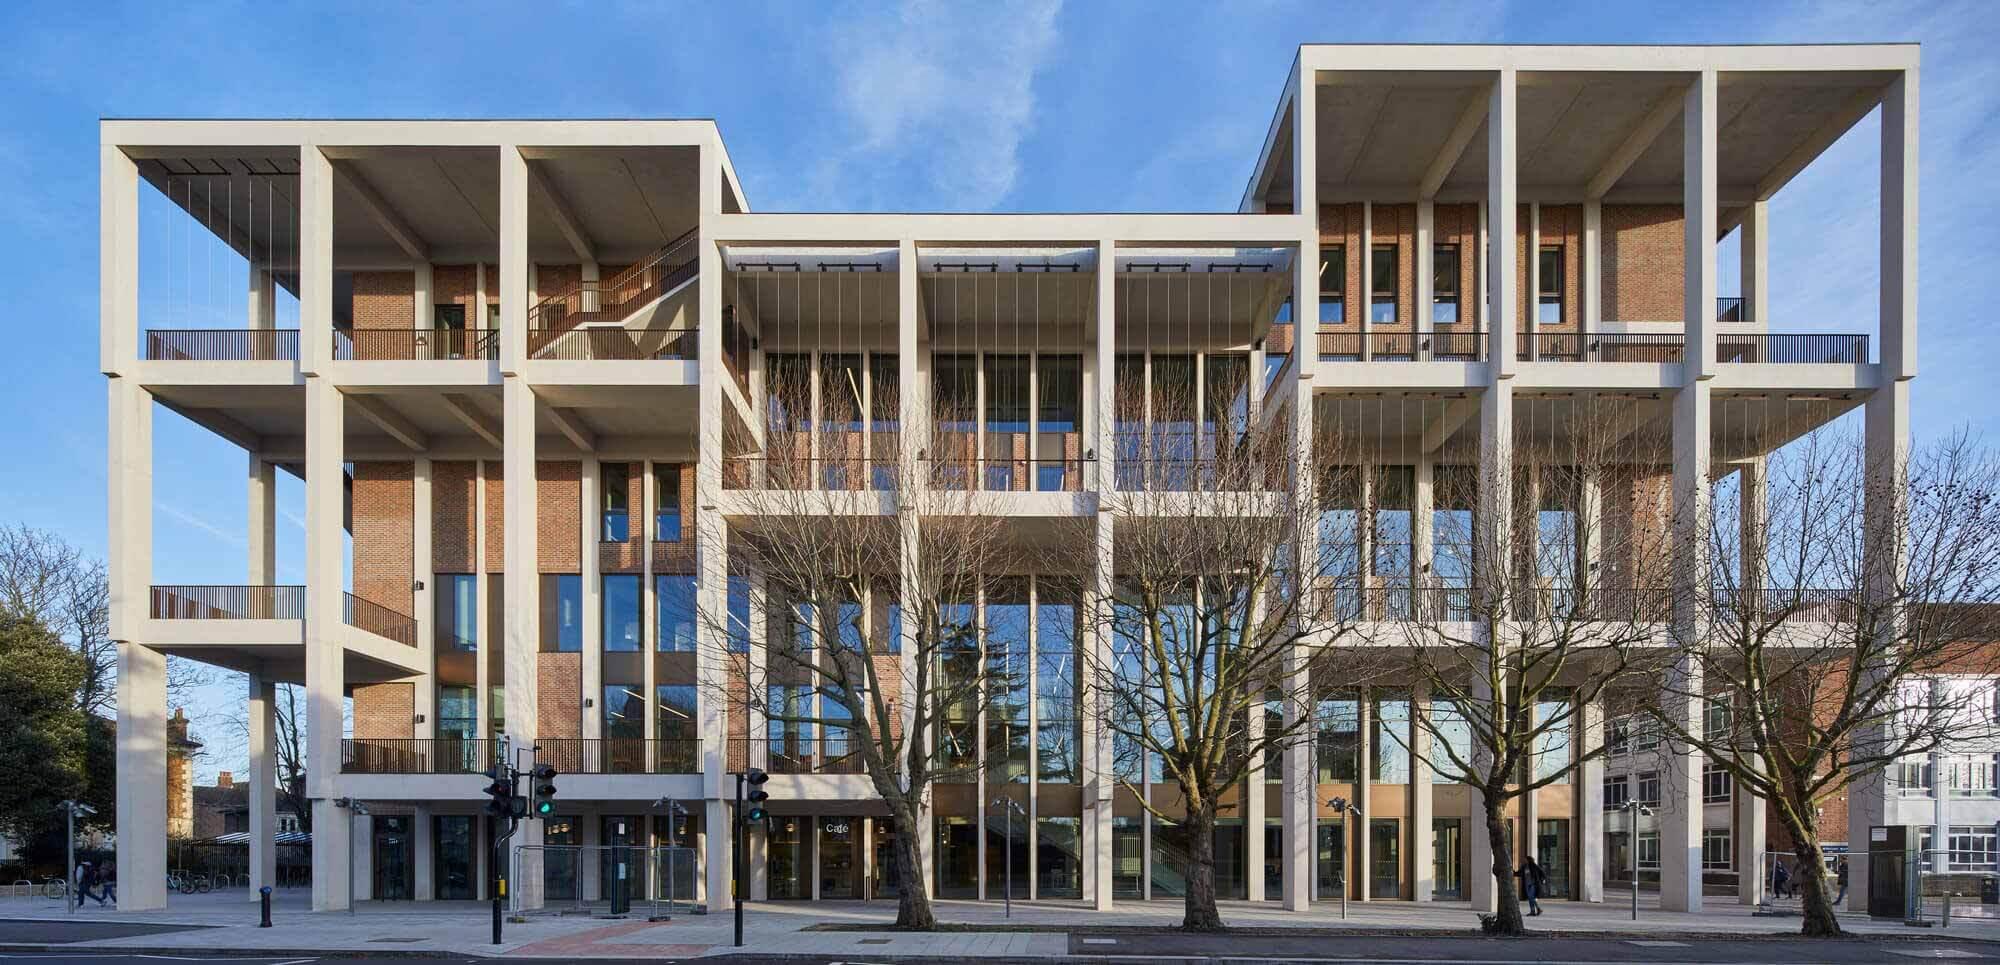 Таунхаус Кингстонского университета, спроектированный Grafton Architects, получил премию RIBA Stirling 2021 года